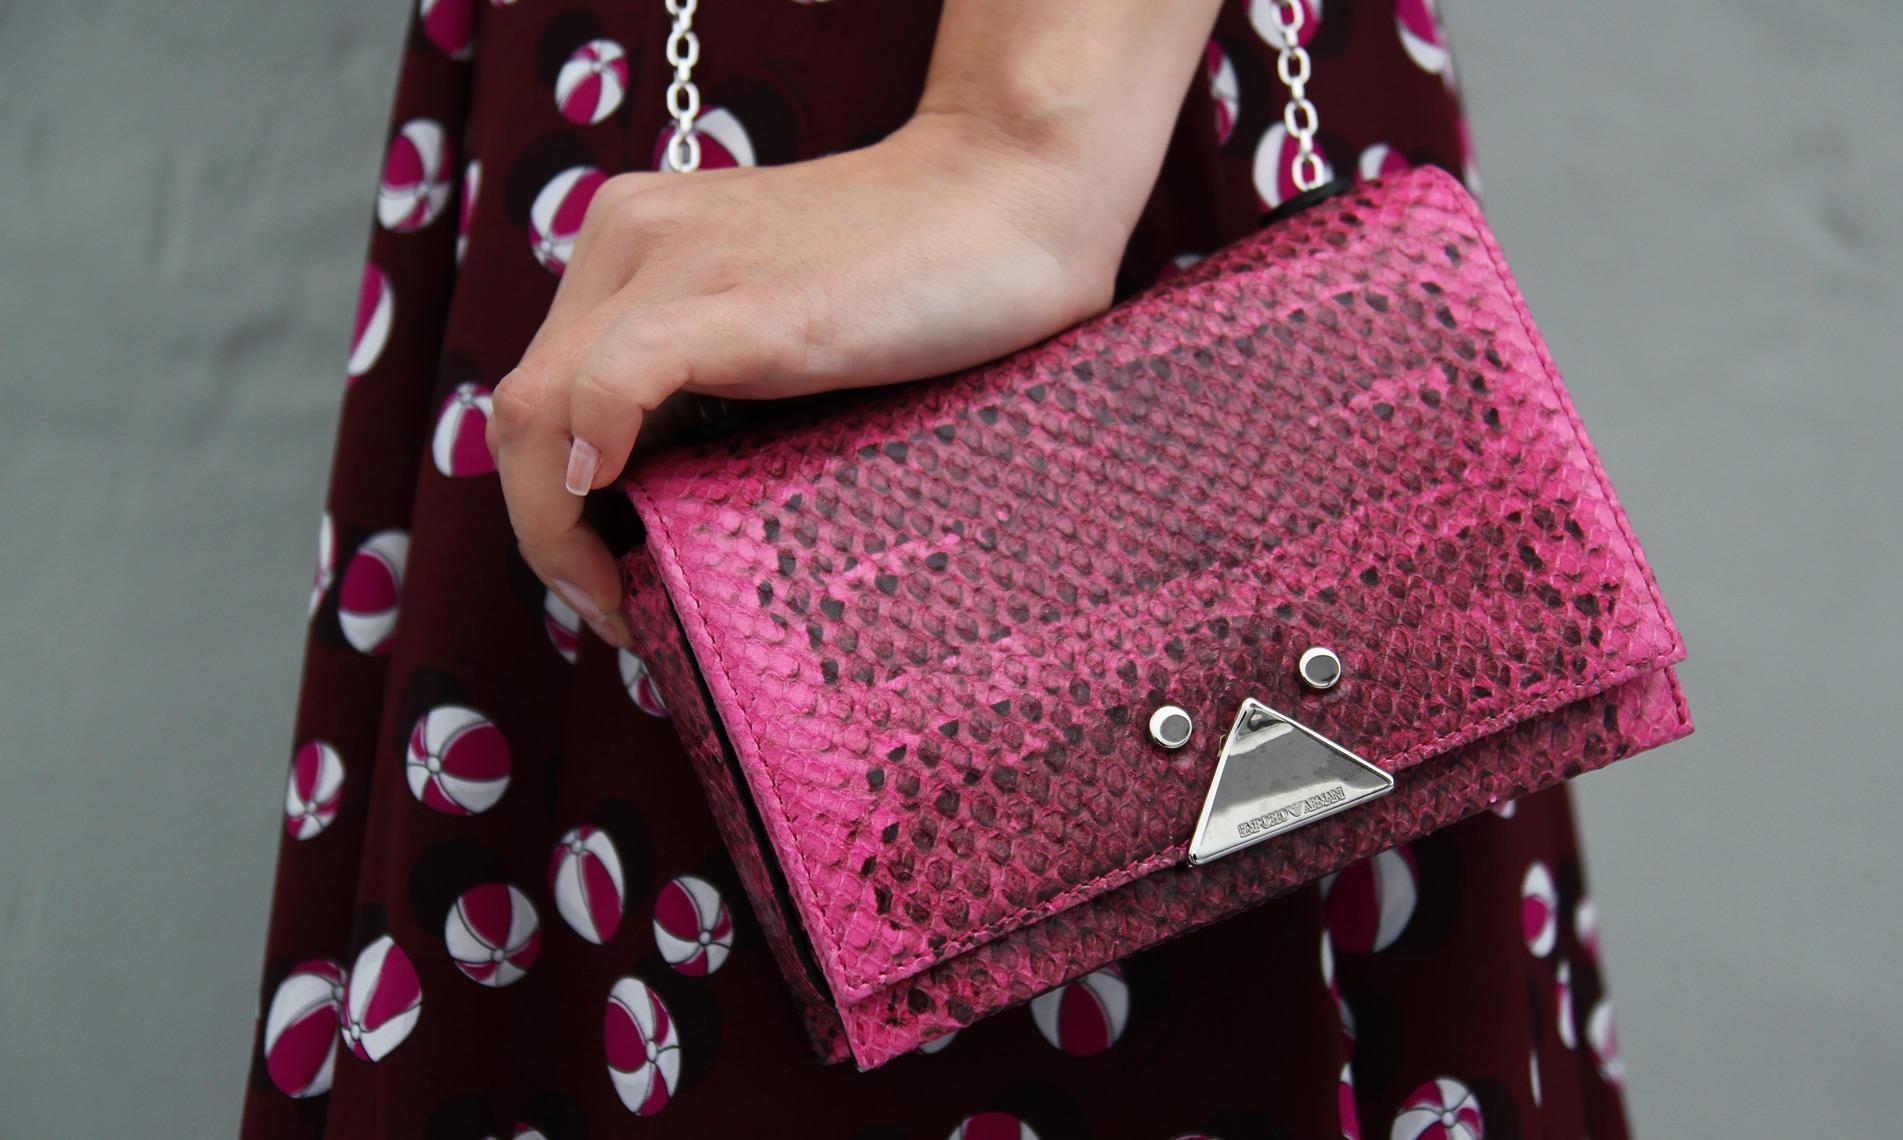 armani çanta, armani çanta modelleri, yılan derisi çanta, pembe çanta modelleri, özberk baz